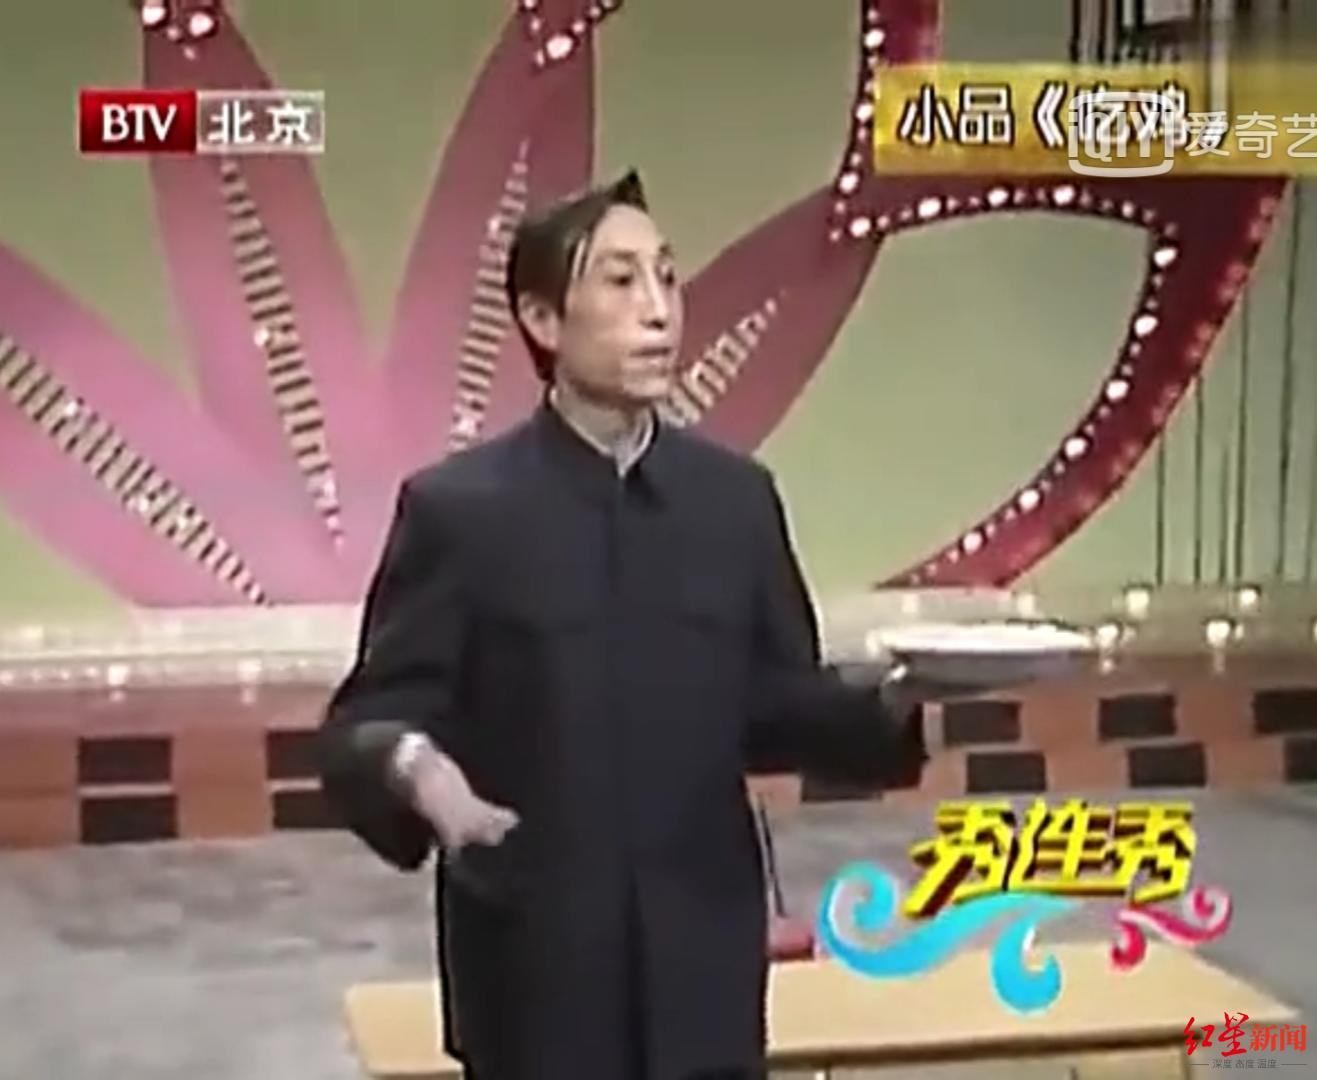 王景愚去世,他表演的《吃鸡》曾笑哭周恩来和陈毅